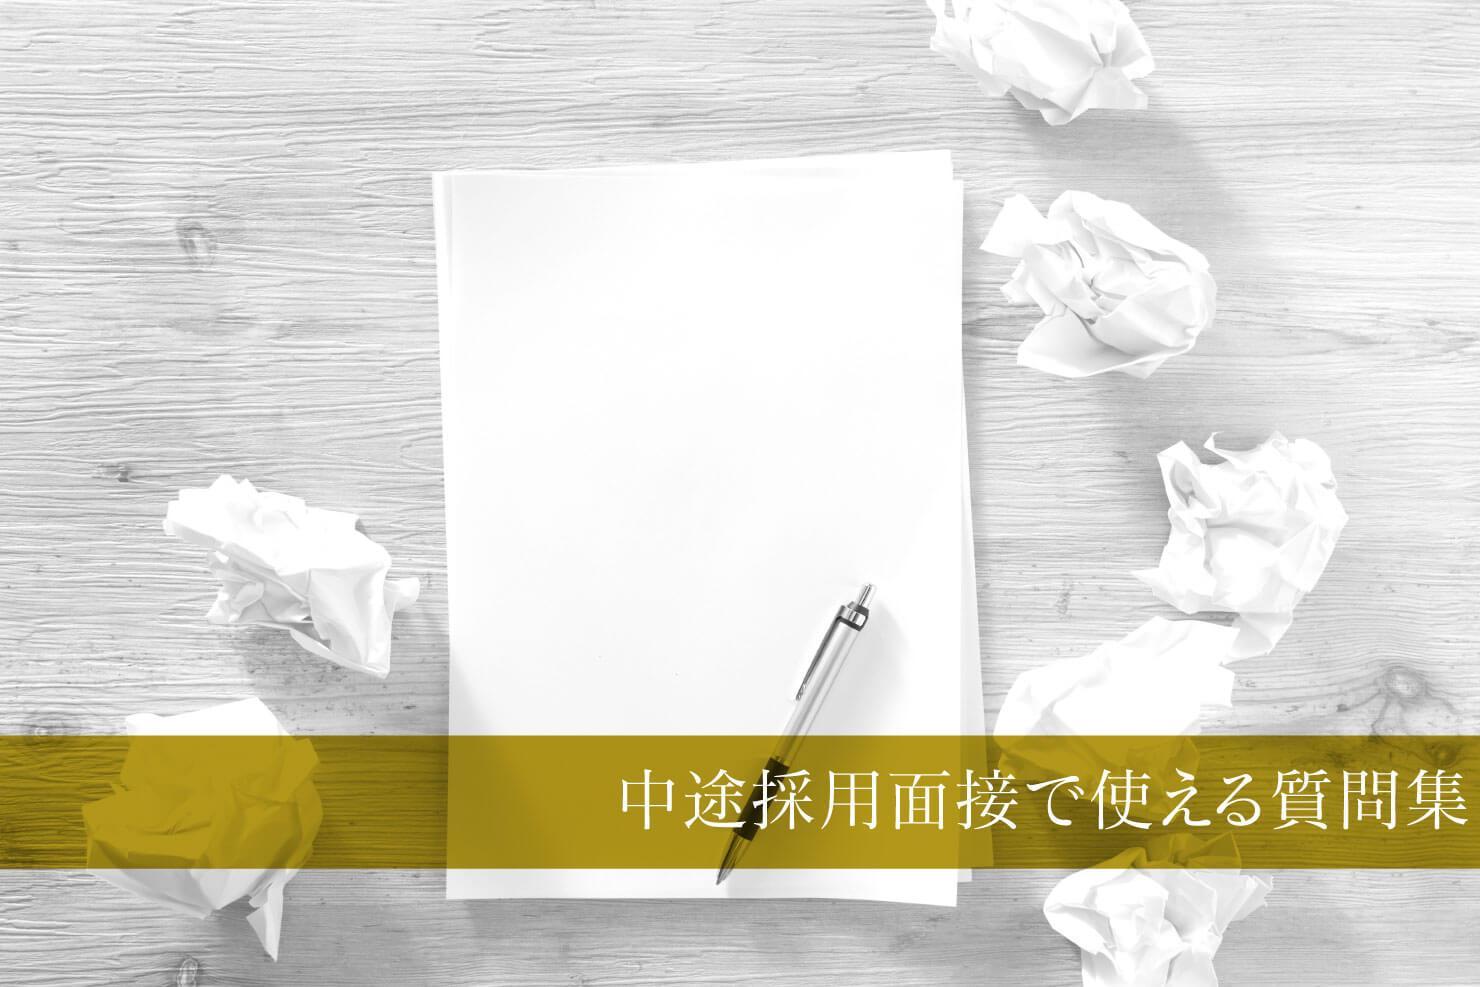 【面接官向け】すぐに使える採用面接質問80選!